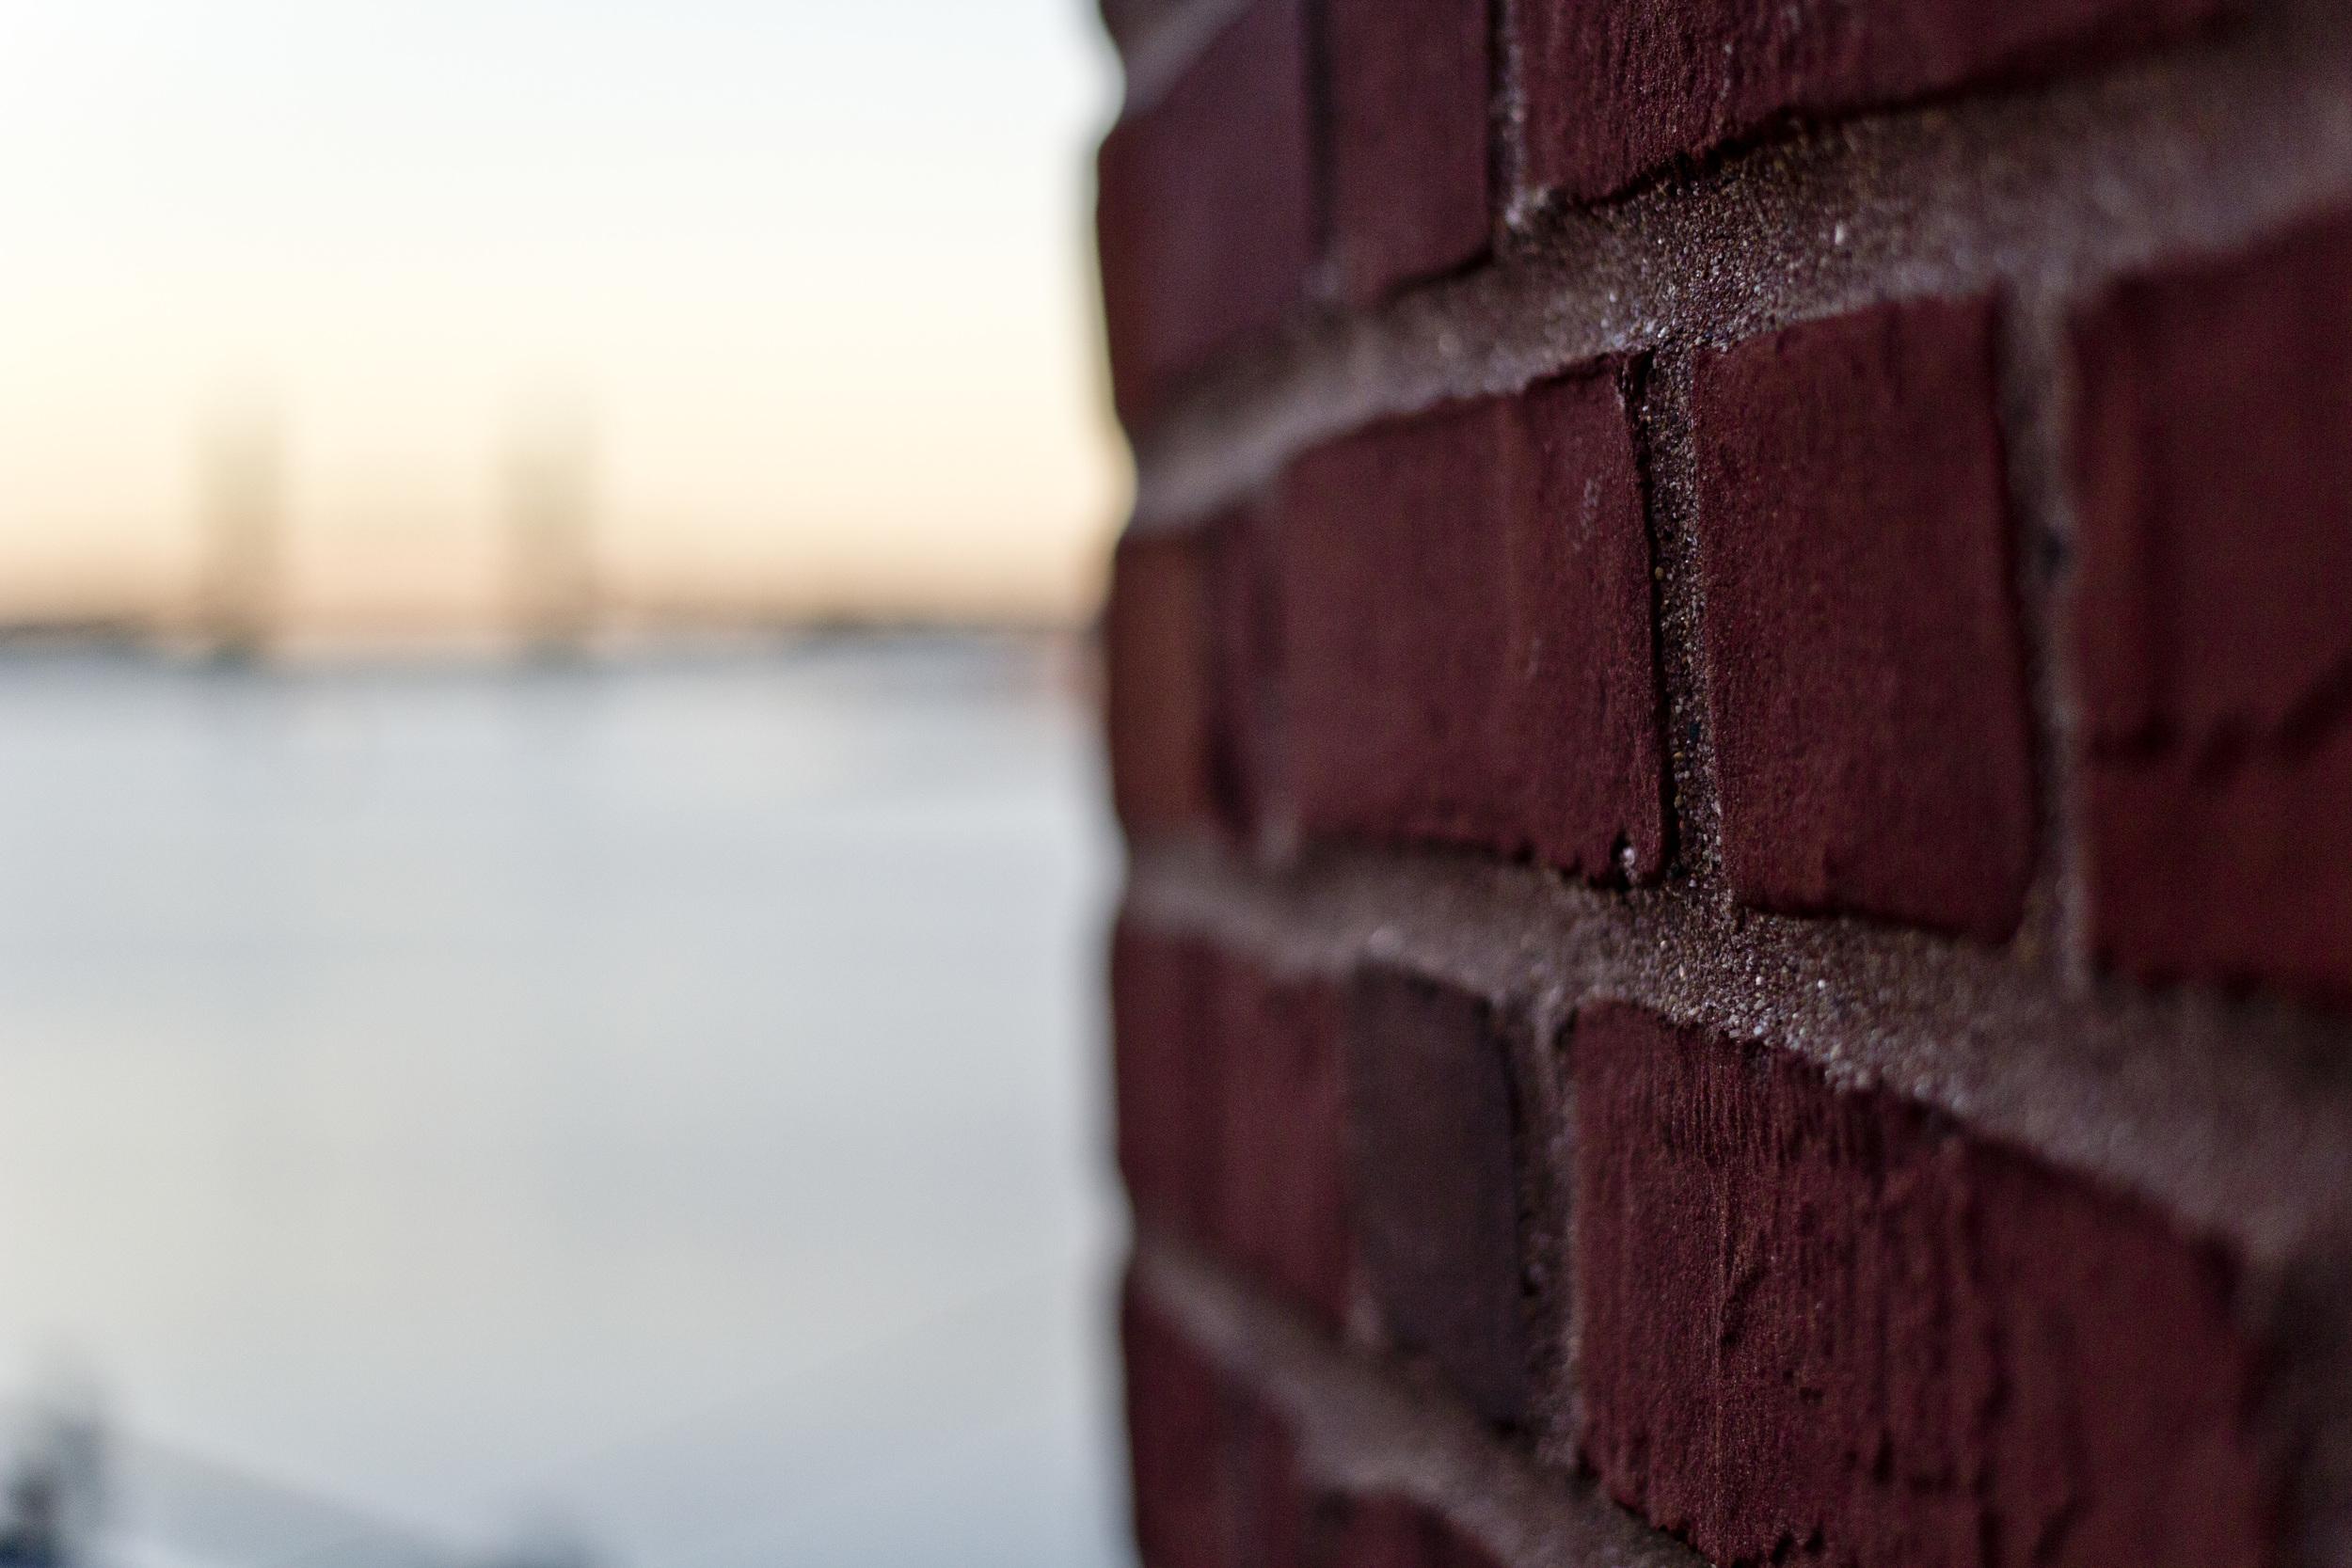 BrickIMG_2211.jpg